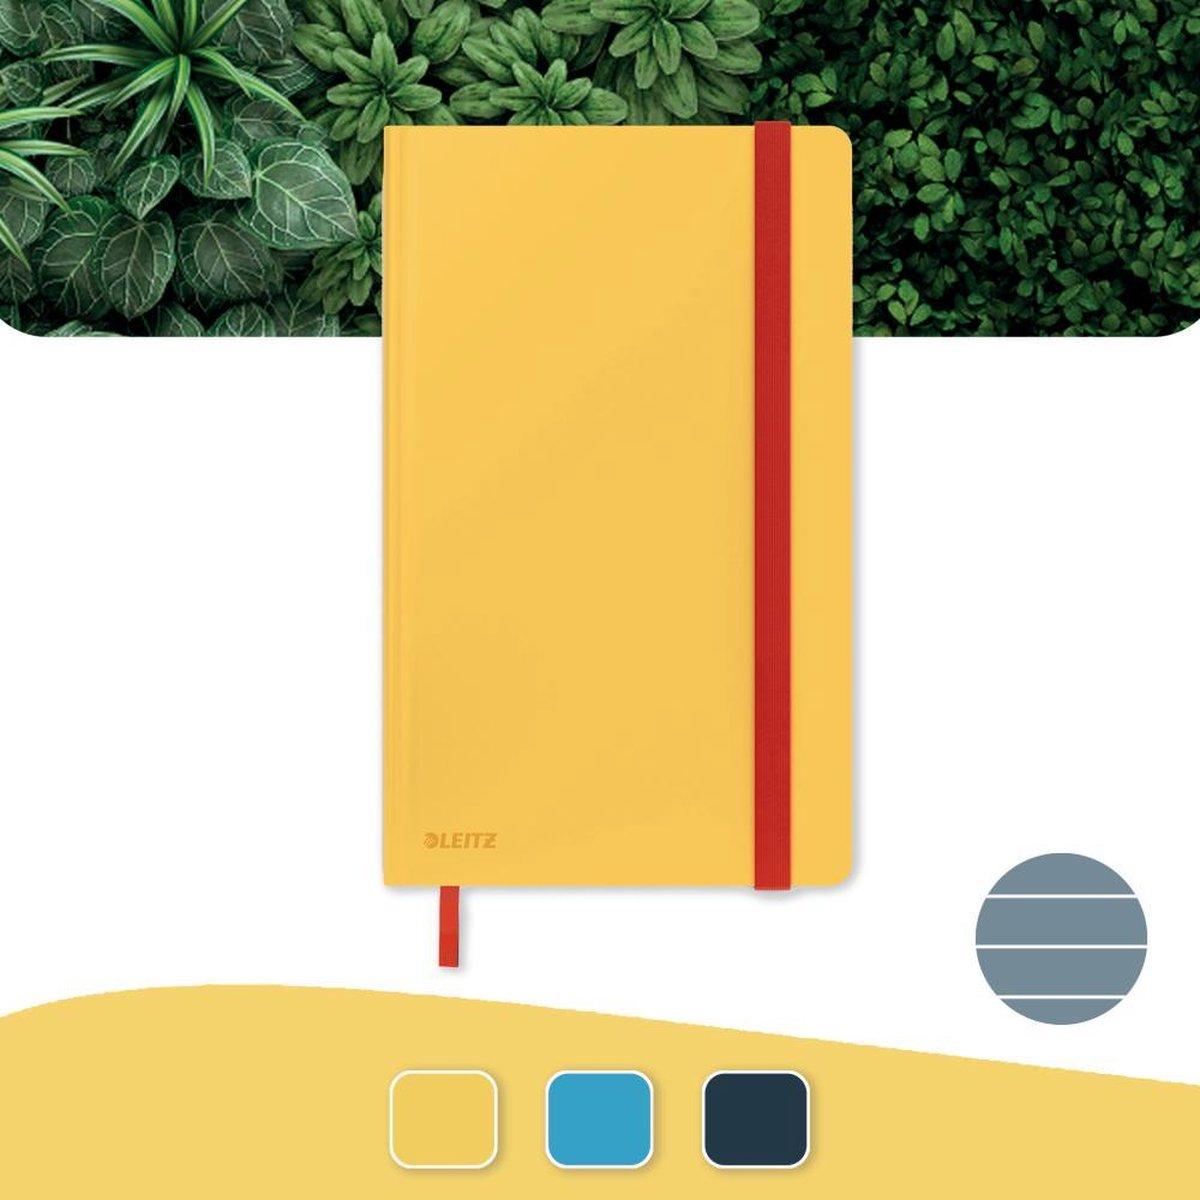 Leitz Cosy Notitieboek A5 Soft Touch Gelijnd - Notitieboek Hard Cover - Voor Kantoor En Thuiswerken - Warm Geel - Ideaal Voor Thuiskantoor